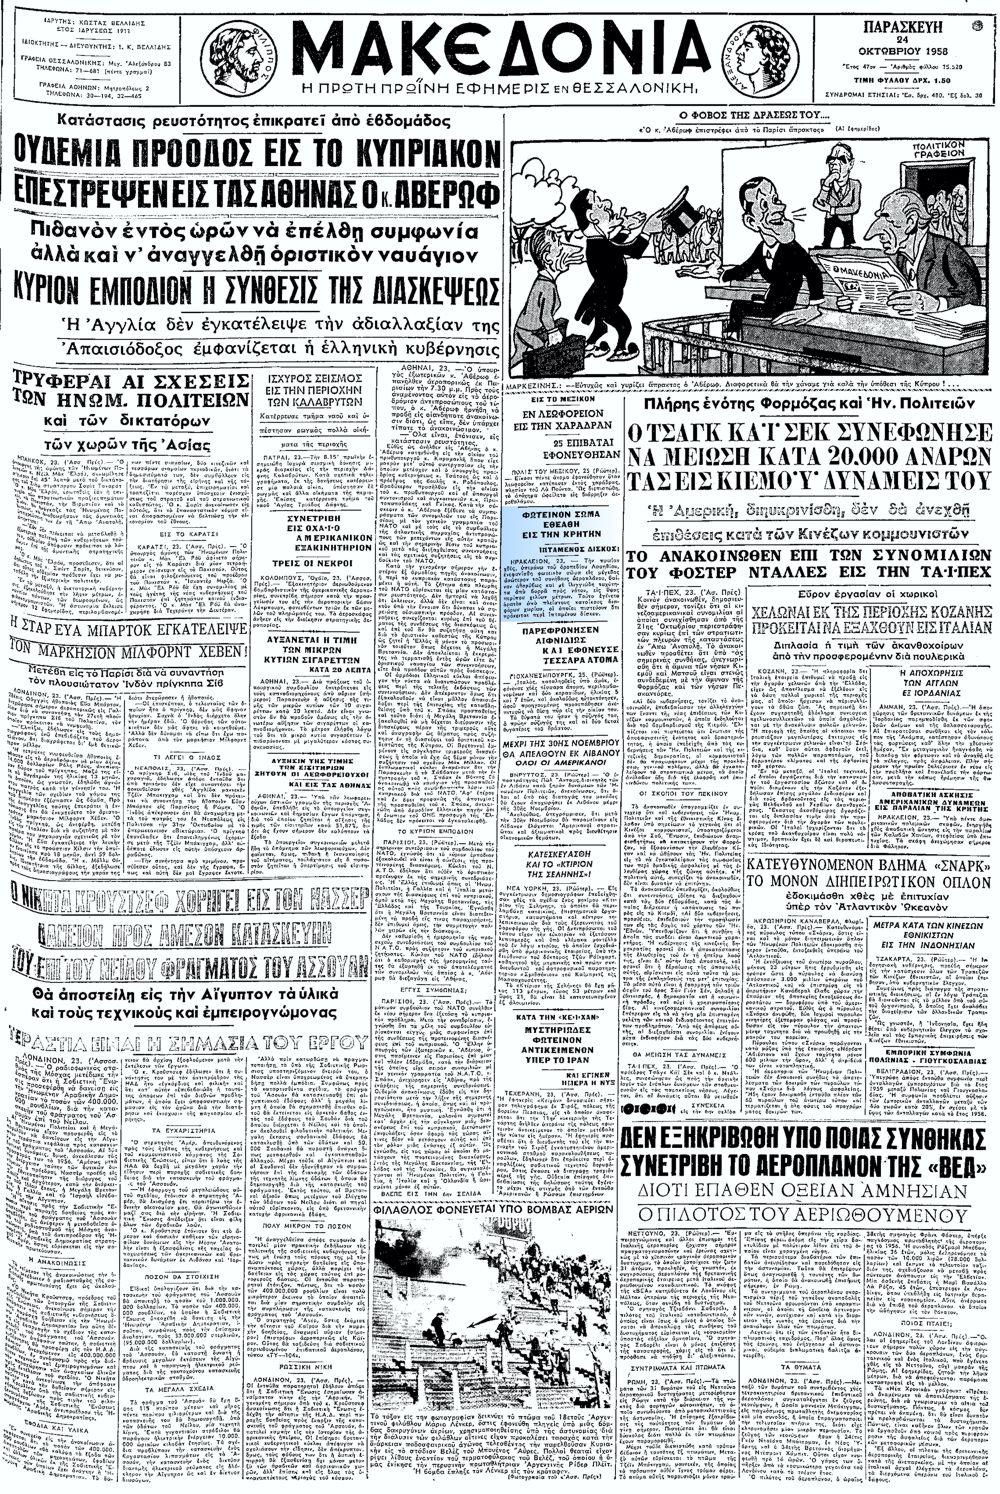 """Το άρθρο, όπως δημοσιεύθηκε στην εφημερίδα """"ΜΑΚΕΔΟΝΙΑ"""", στις 24/10/1958"""